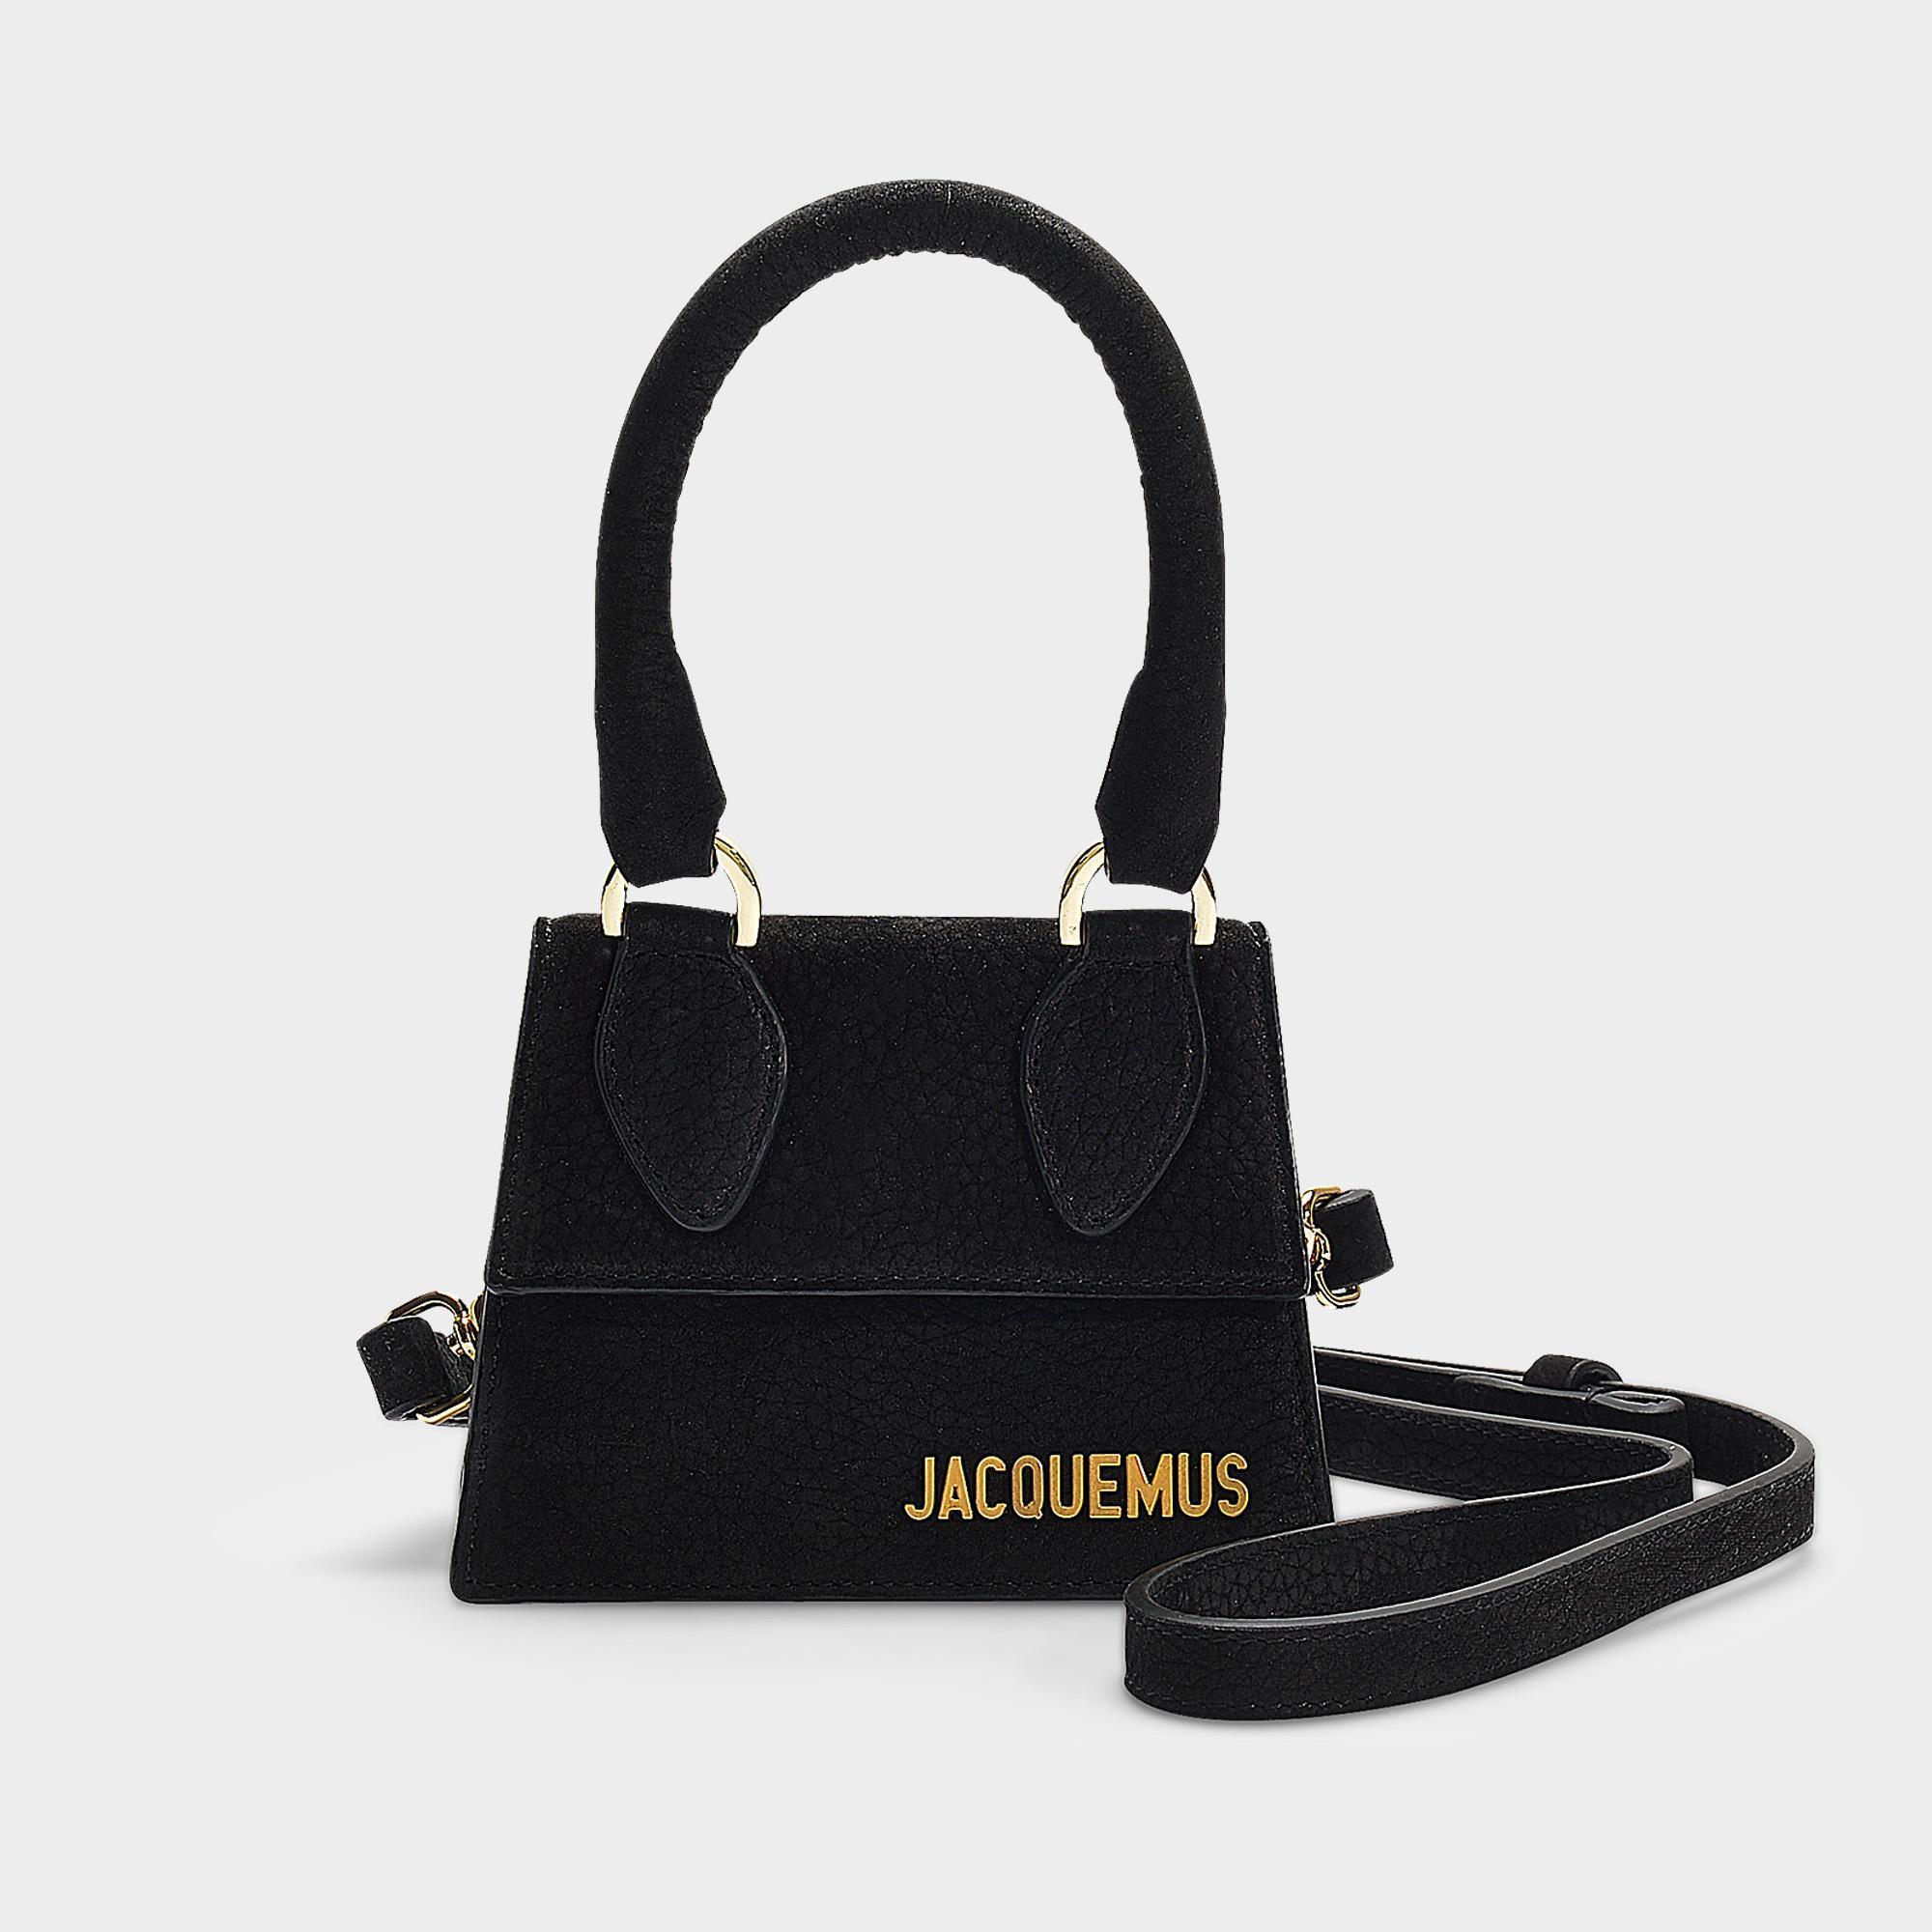 Jacquemus Main Noir Sac Nubuck À Le Lyst En Coloris Chiquita thxQrsCdB